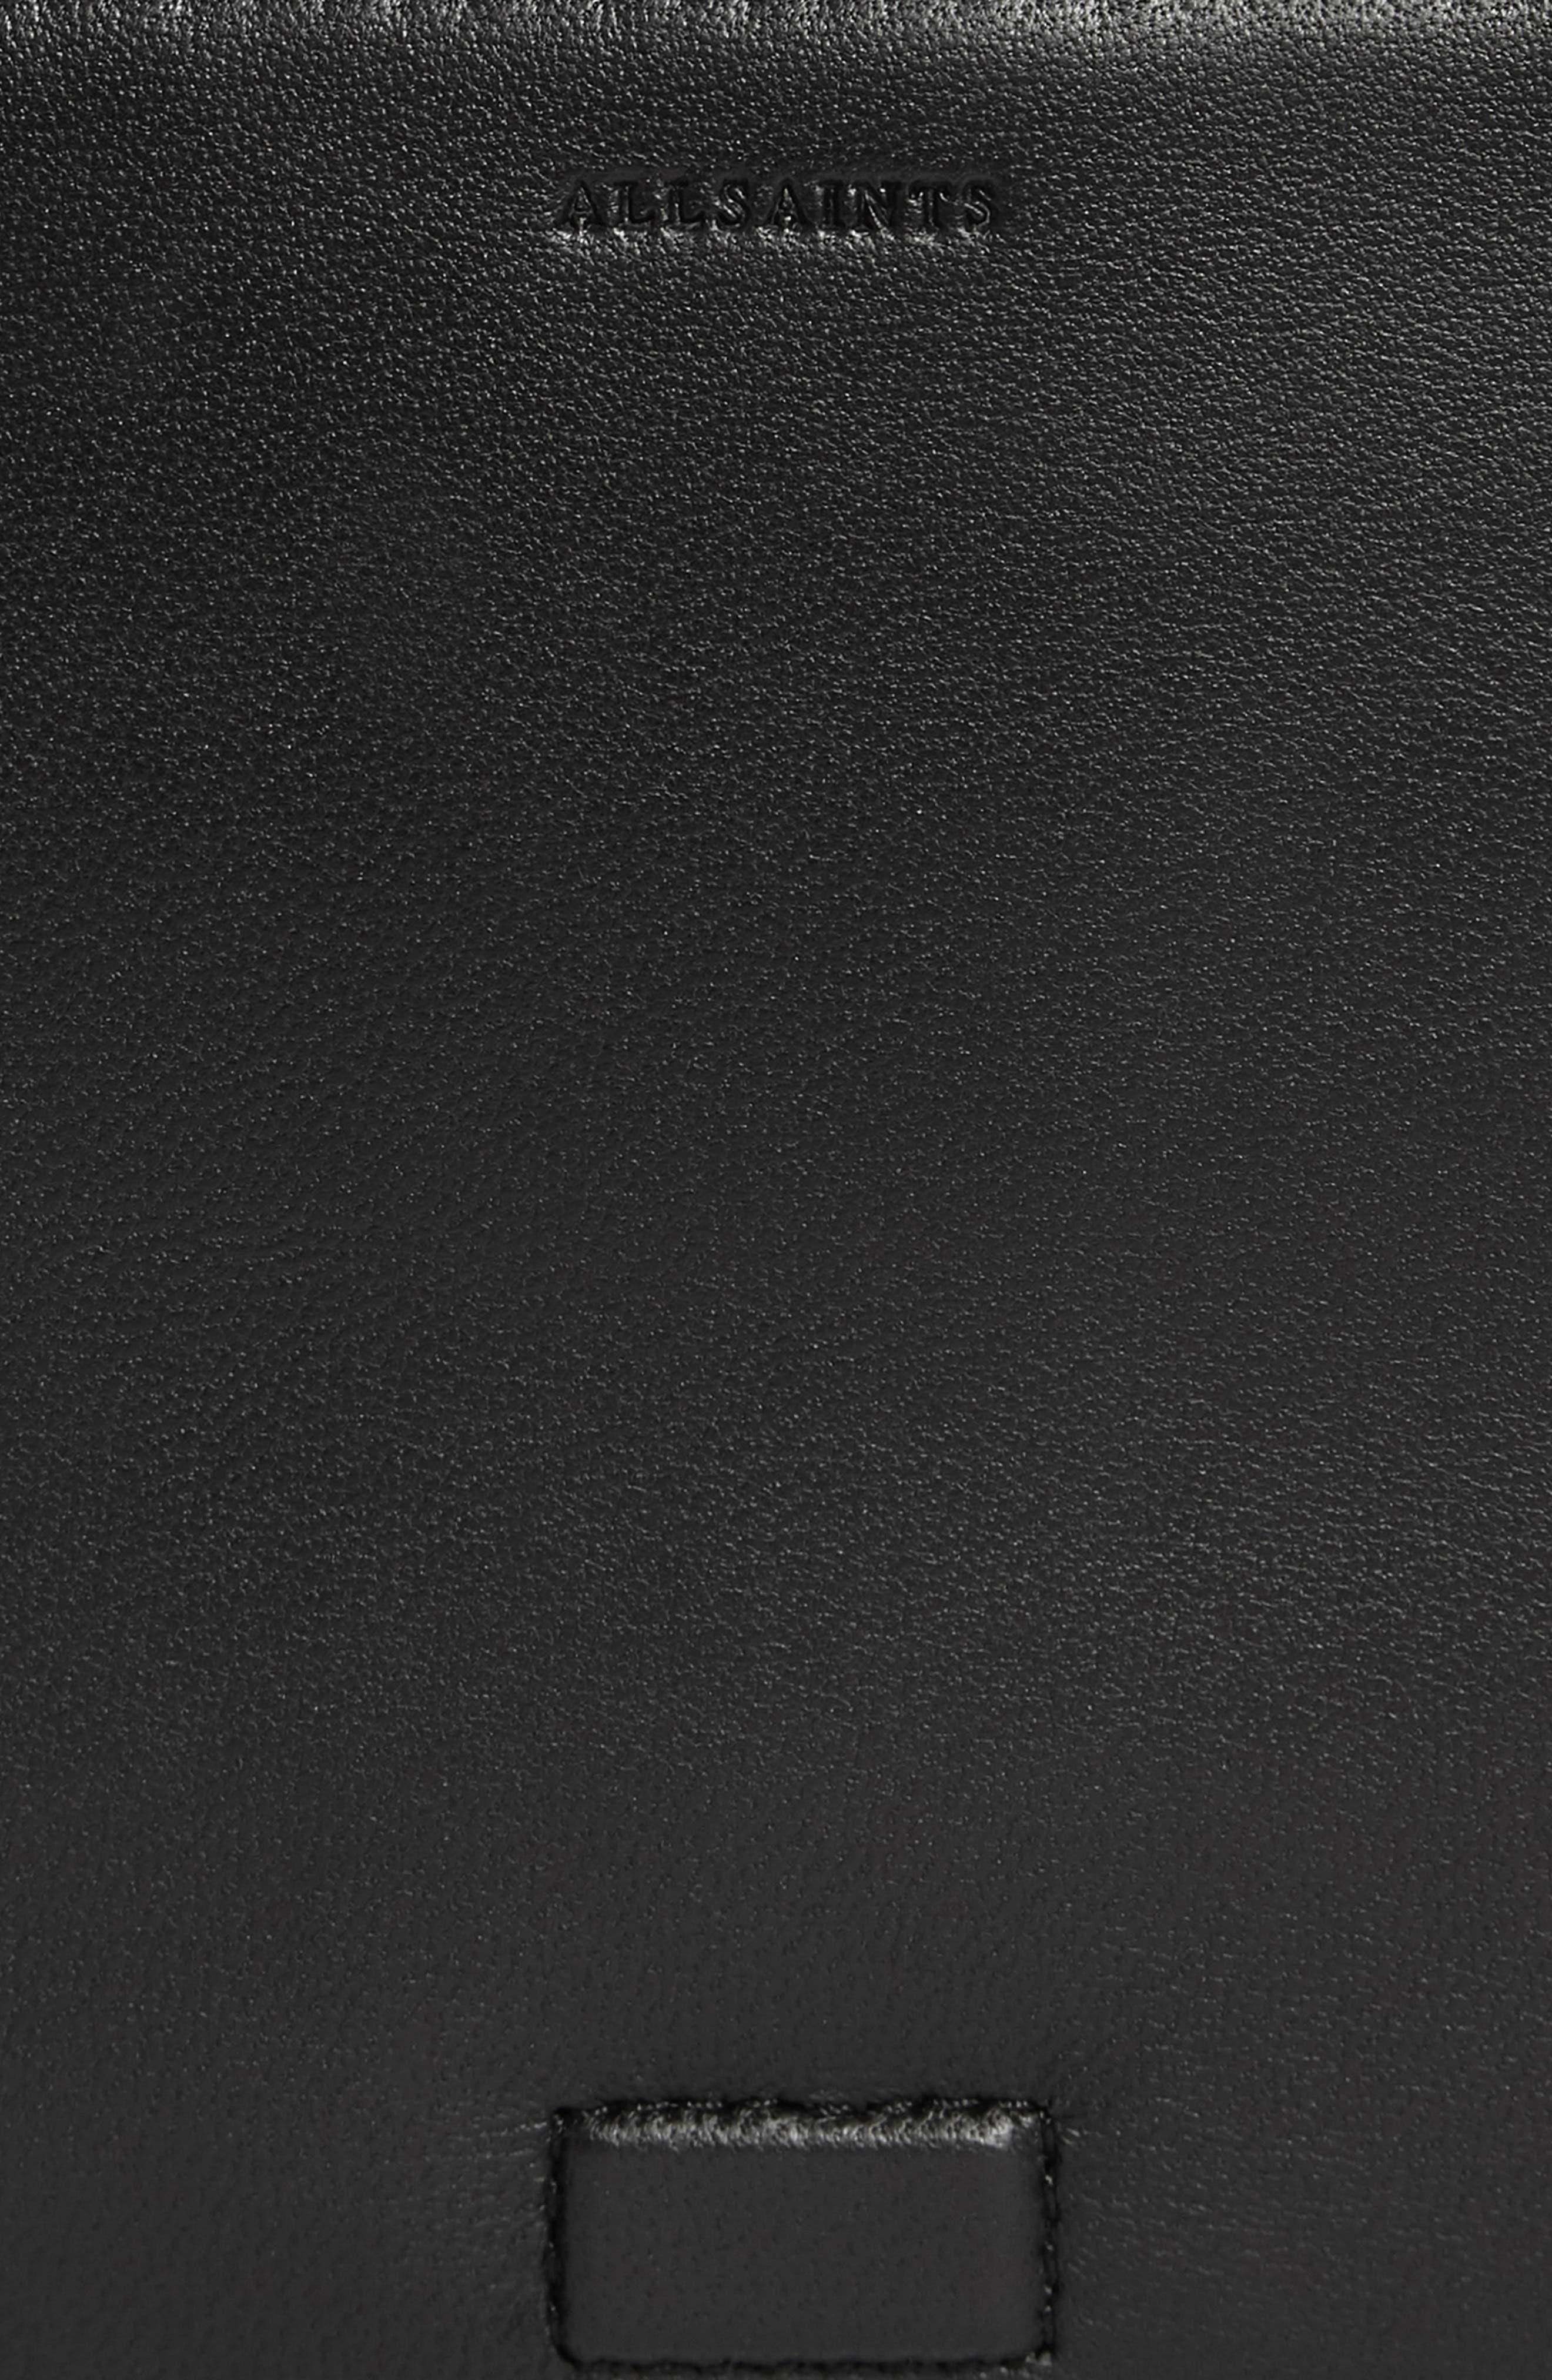 ALLSAINTS, Versailles Leather & Genuine Shearling Shoulder Bag, Alternate thumbnail 5, color, CAMEL